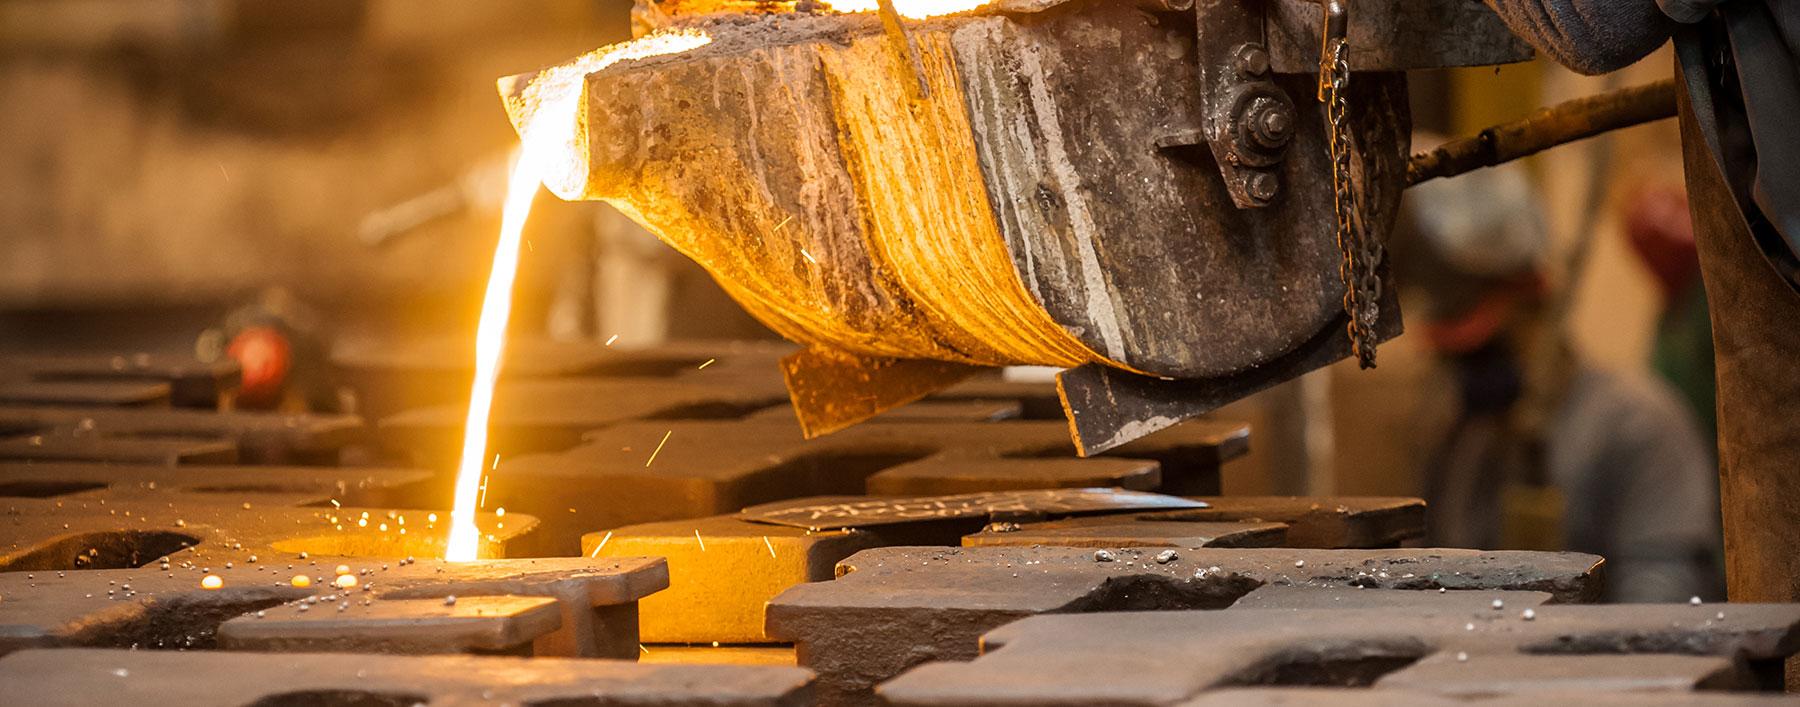 LEPE - Qualidade na Fundição de Ferro Cinzento, Nodular e Ligados